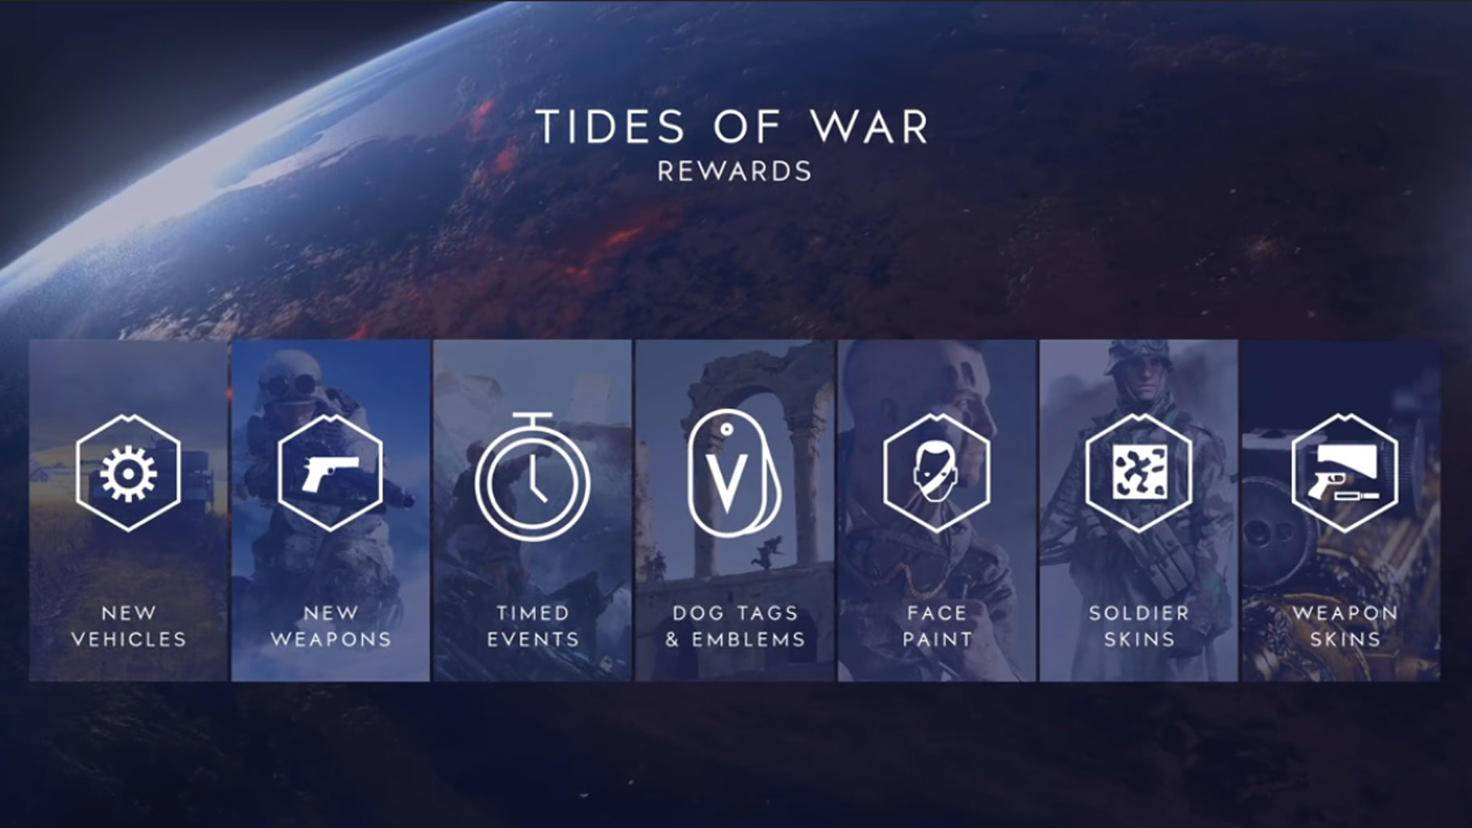 battlefield-5-reveal-event-tides-of-war-screenshot